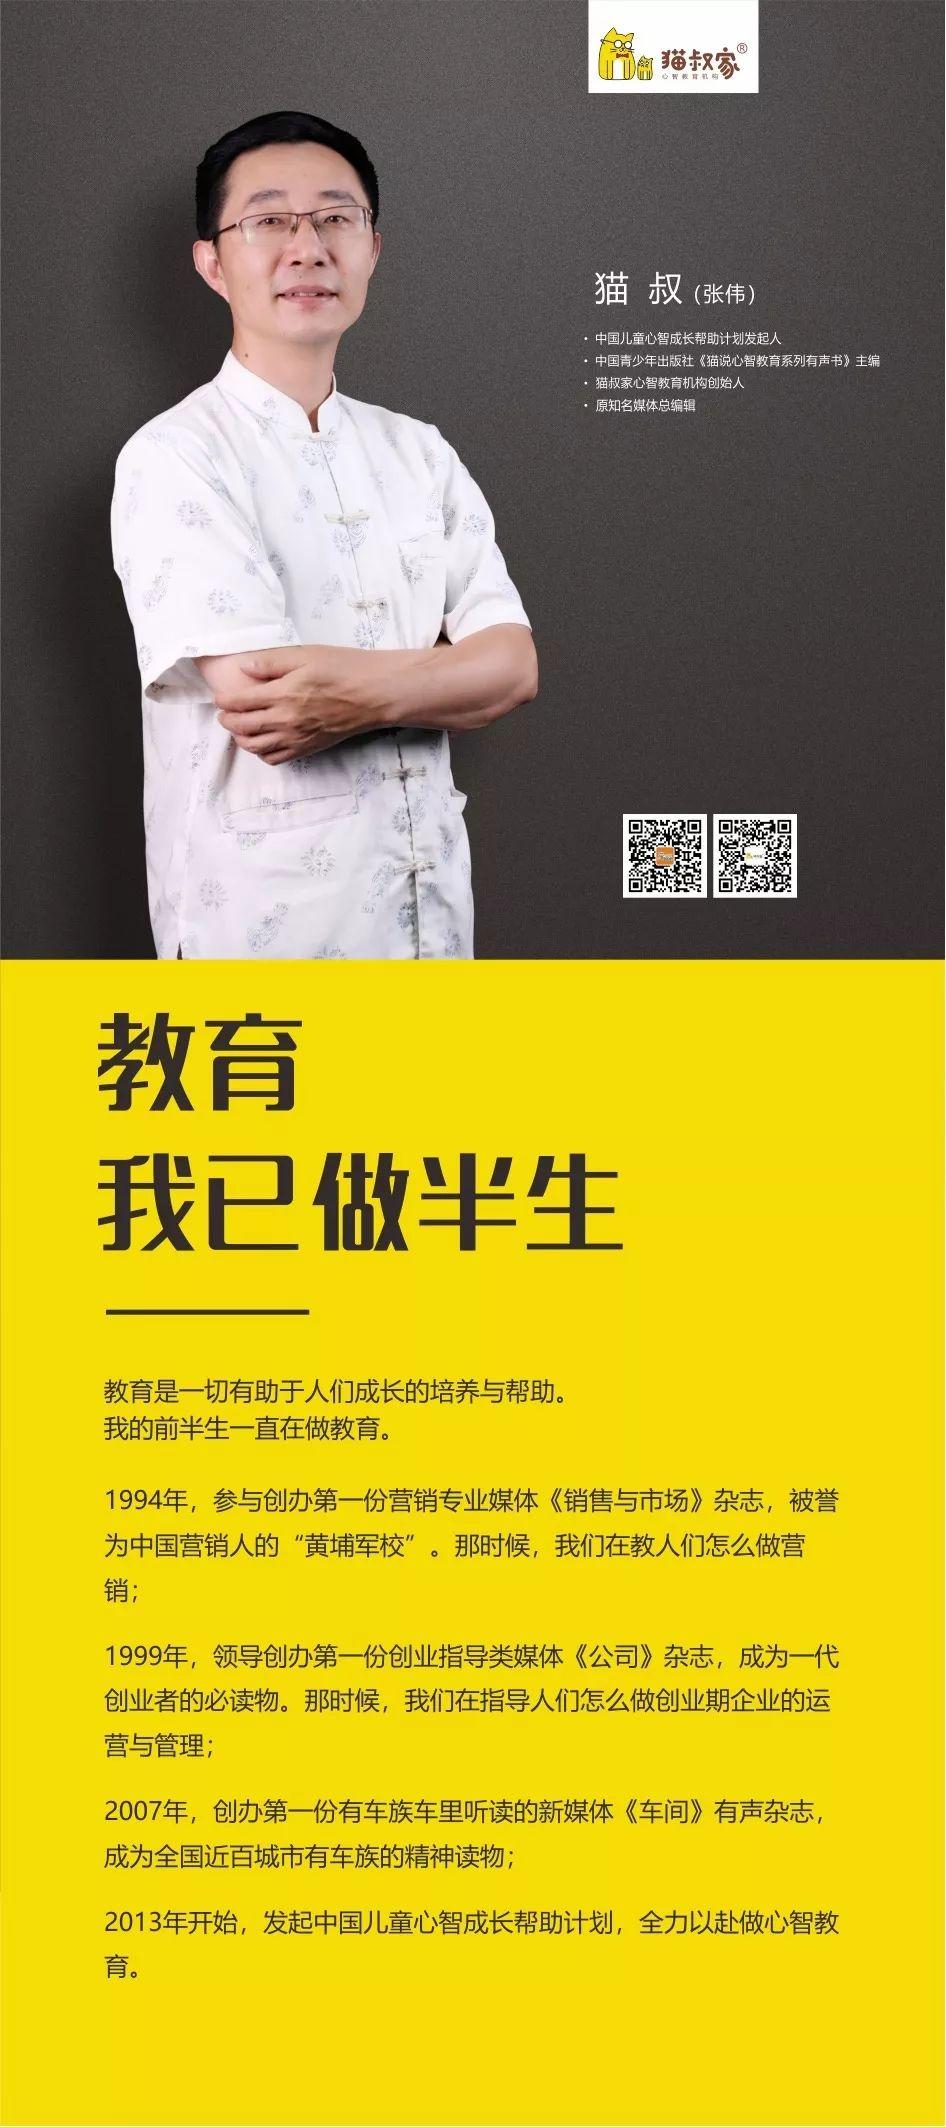 8月2日上午,许昌这些幼儿园园长齐聚东城区,带来了这样一个好消息!